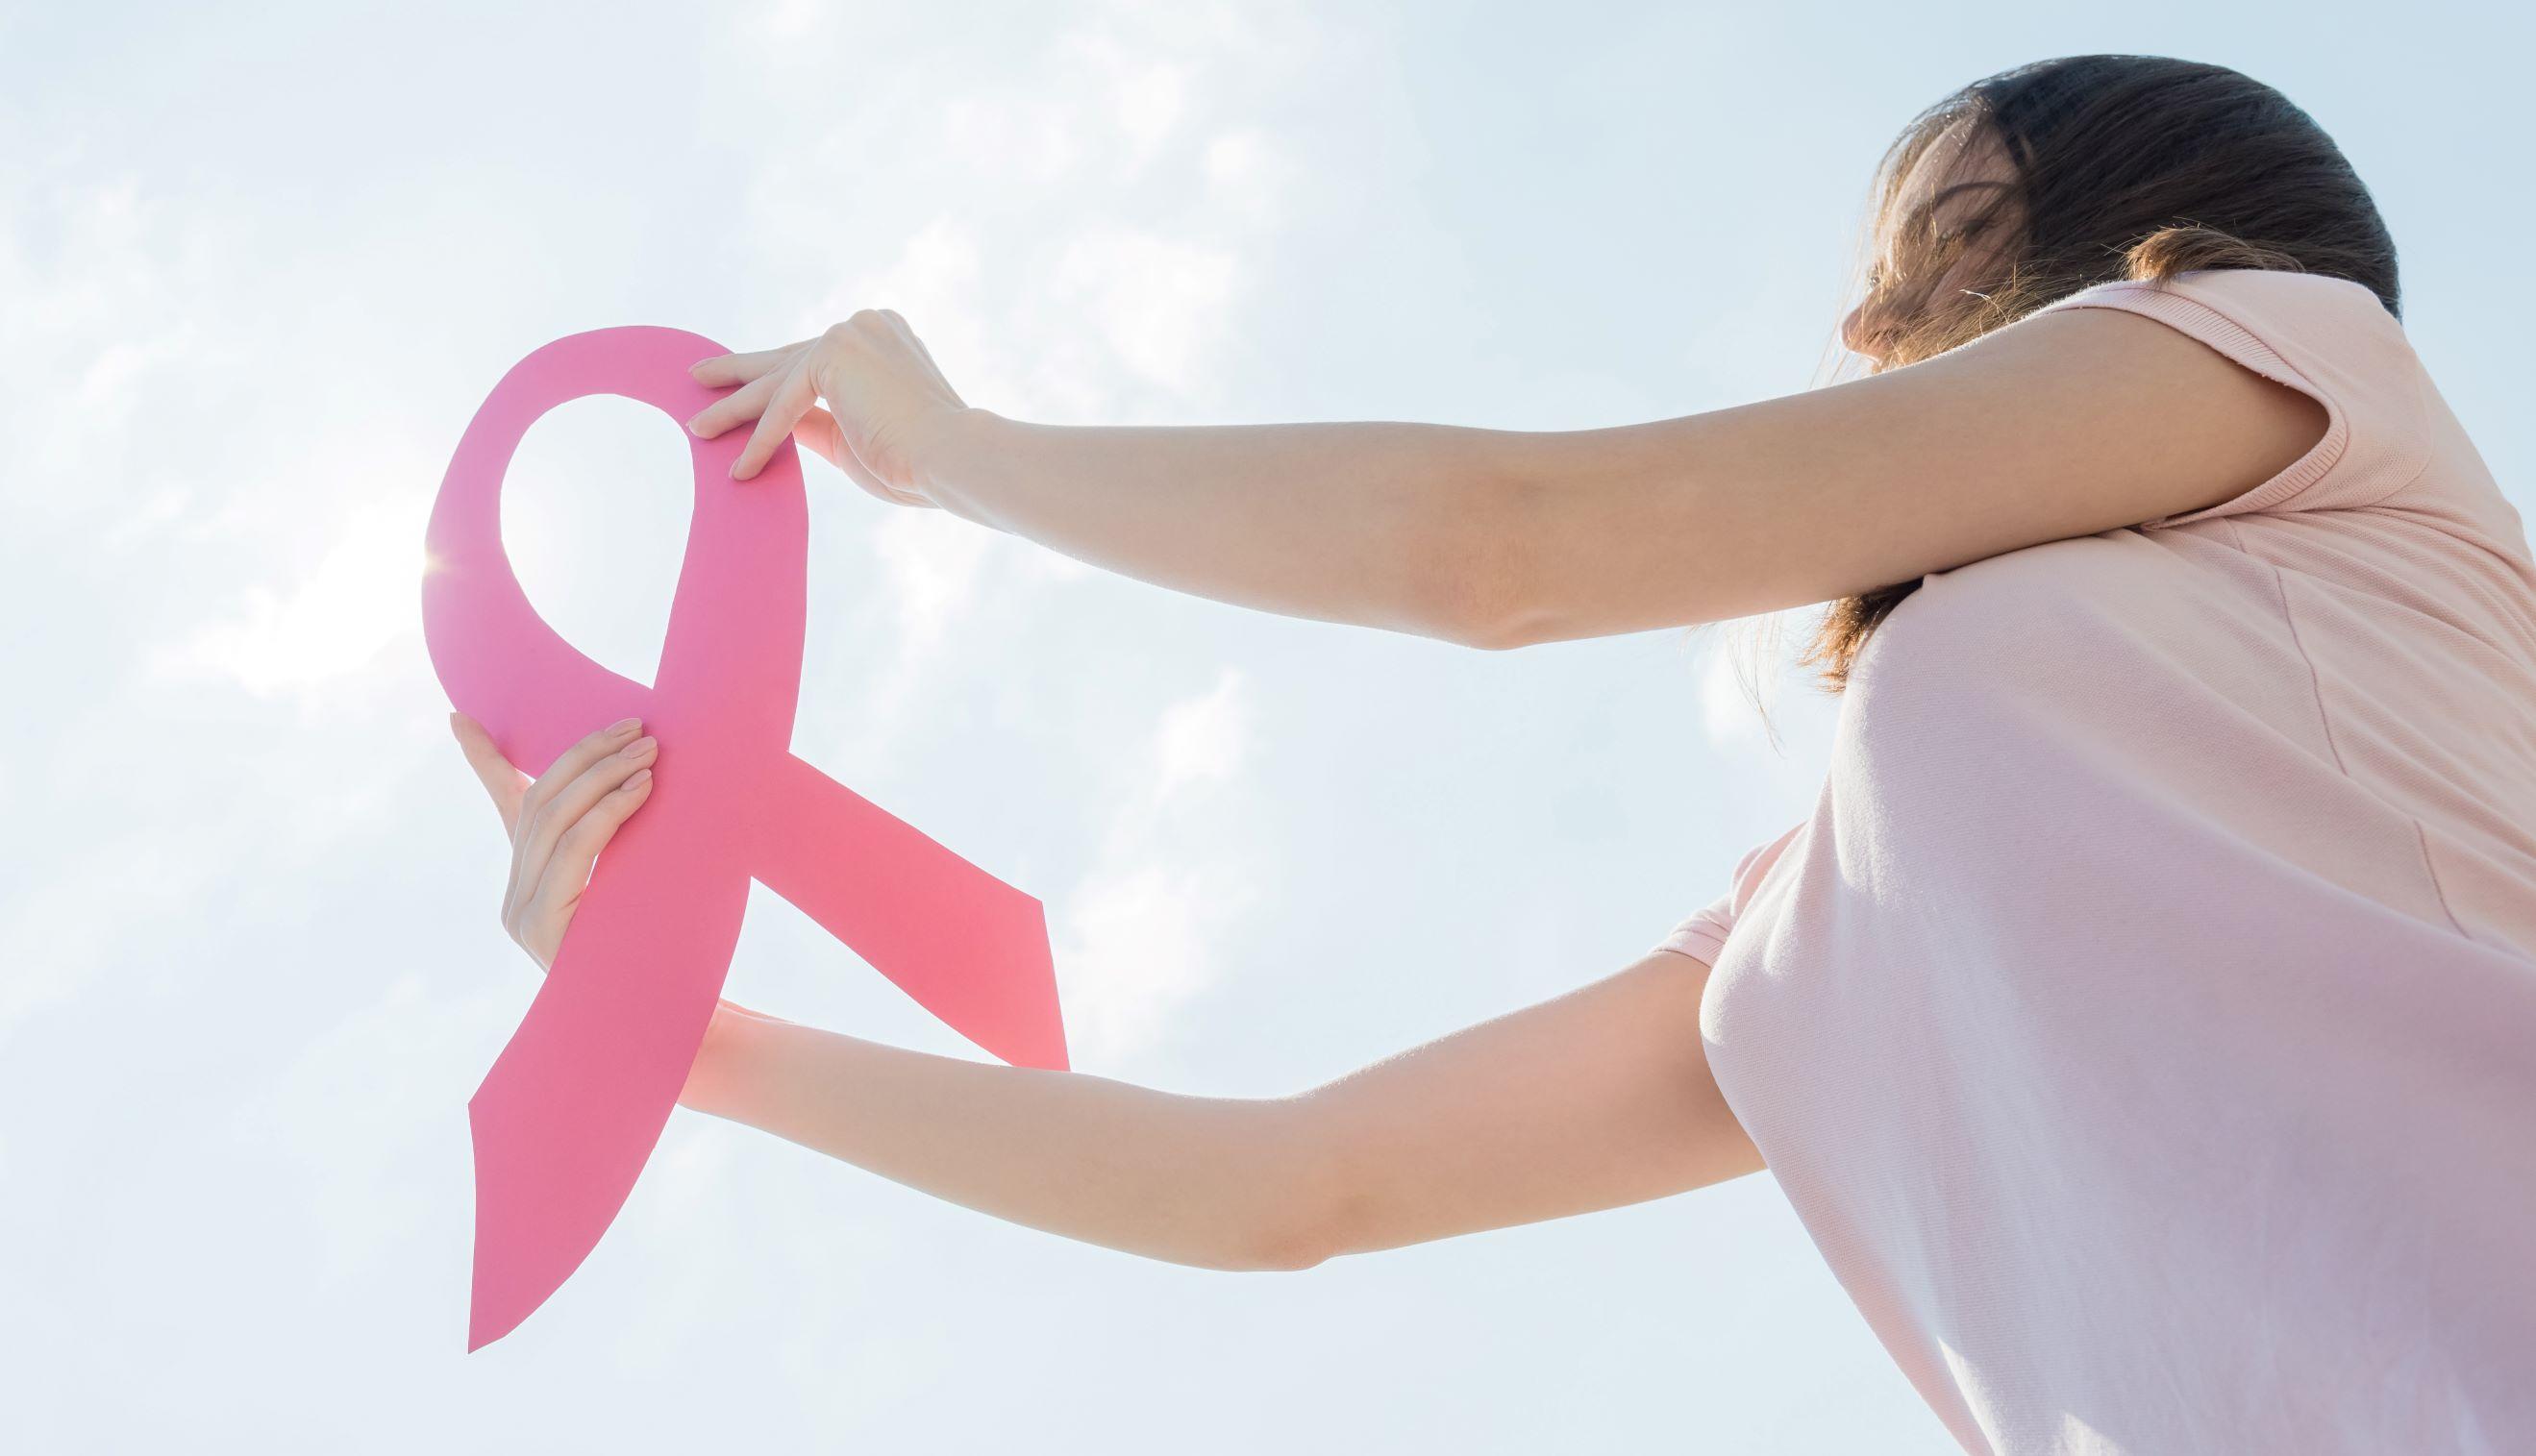 Outubro Rosa: HSJosé reforça a importância da prevenção contra o câncer de mama